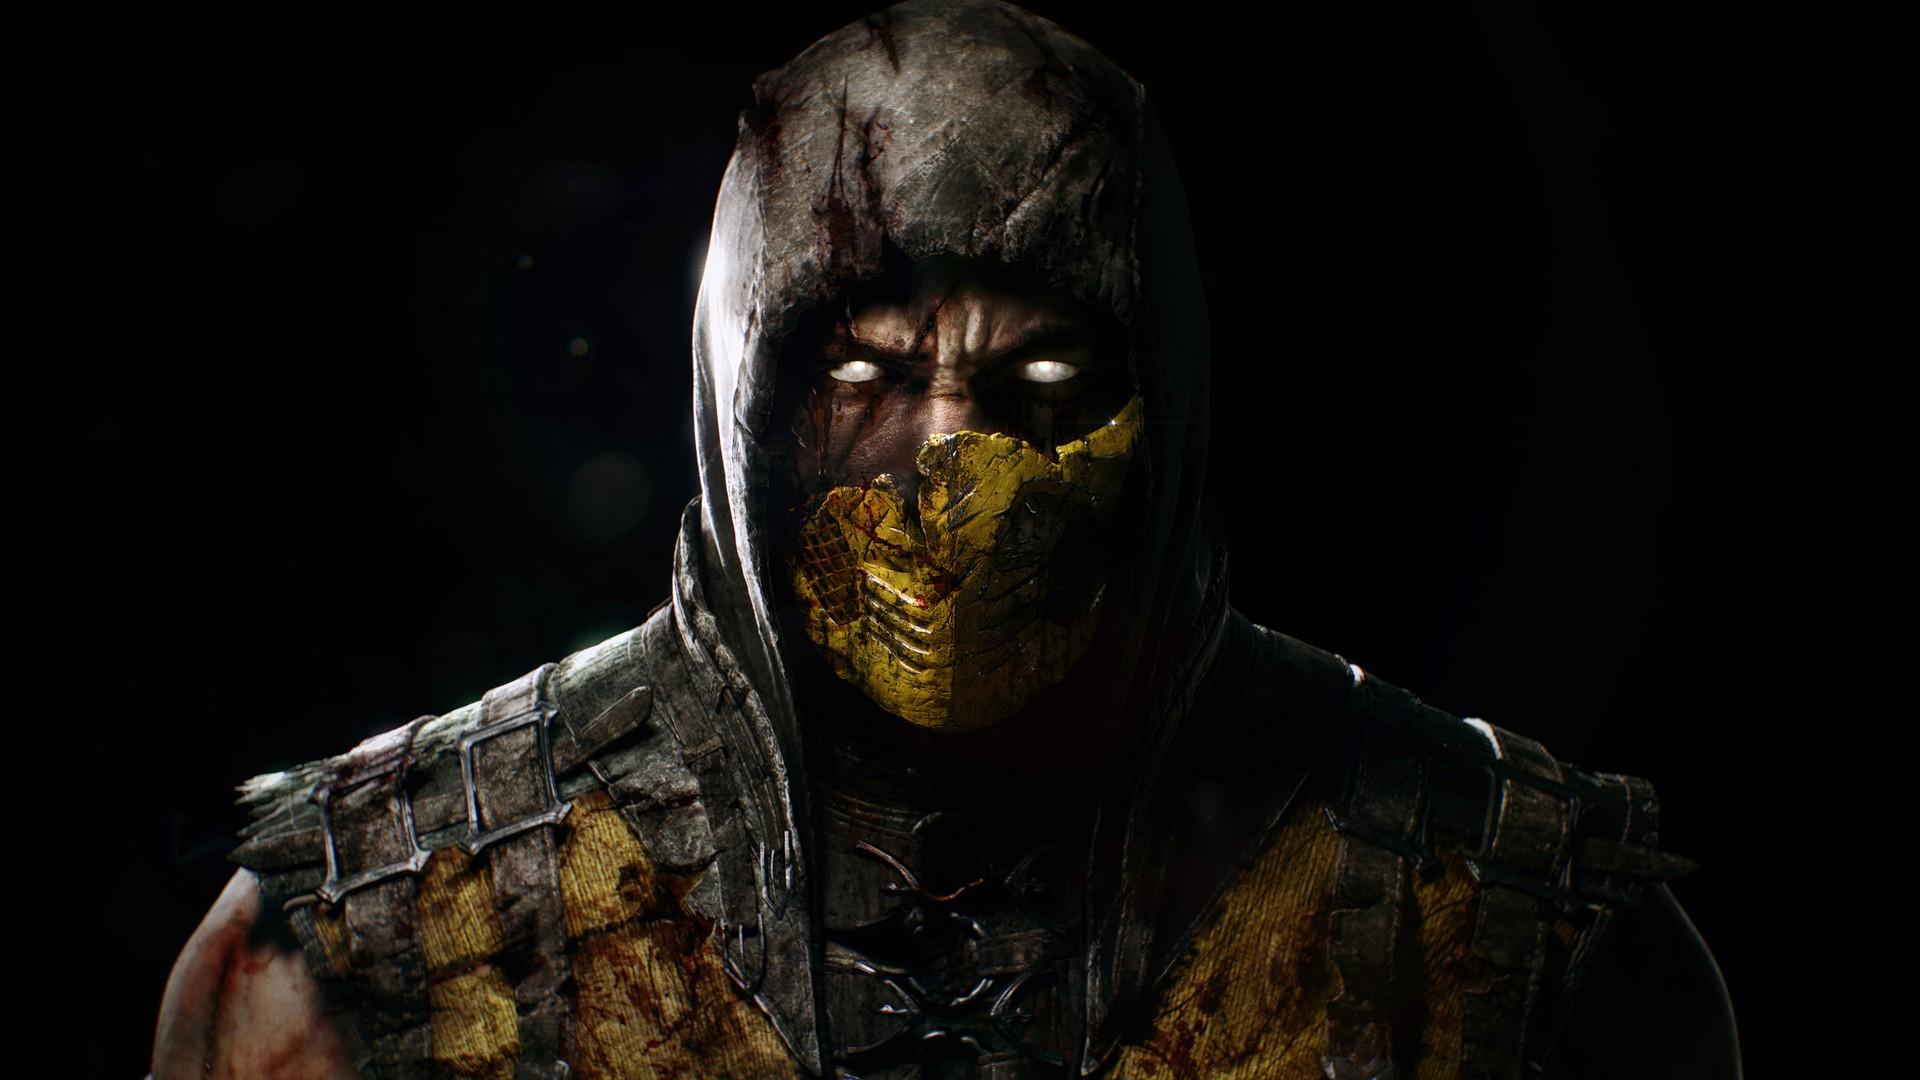 Mortal Kombat X Full HD Wallpaper and Background 1920x1080